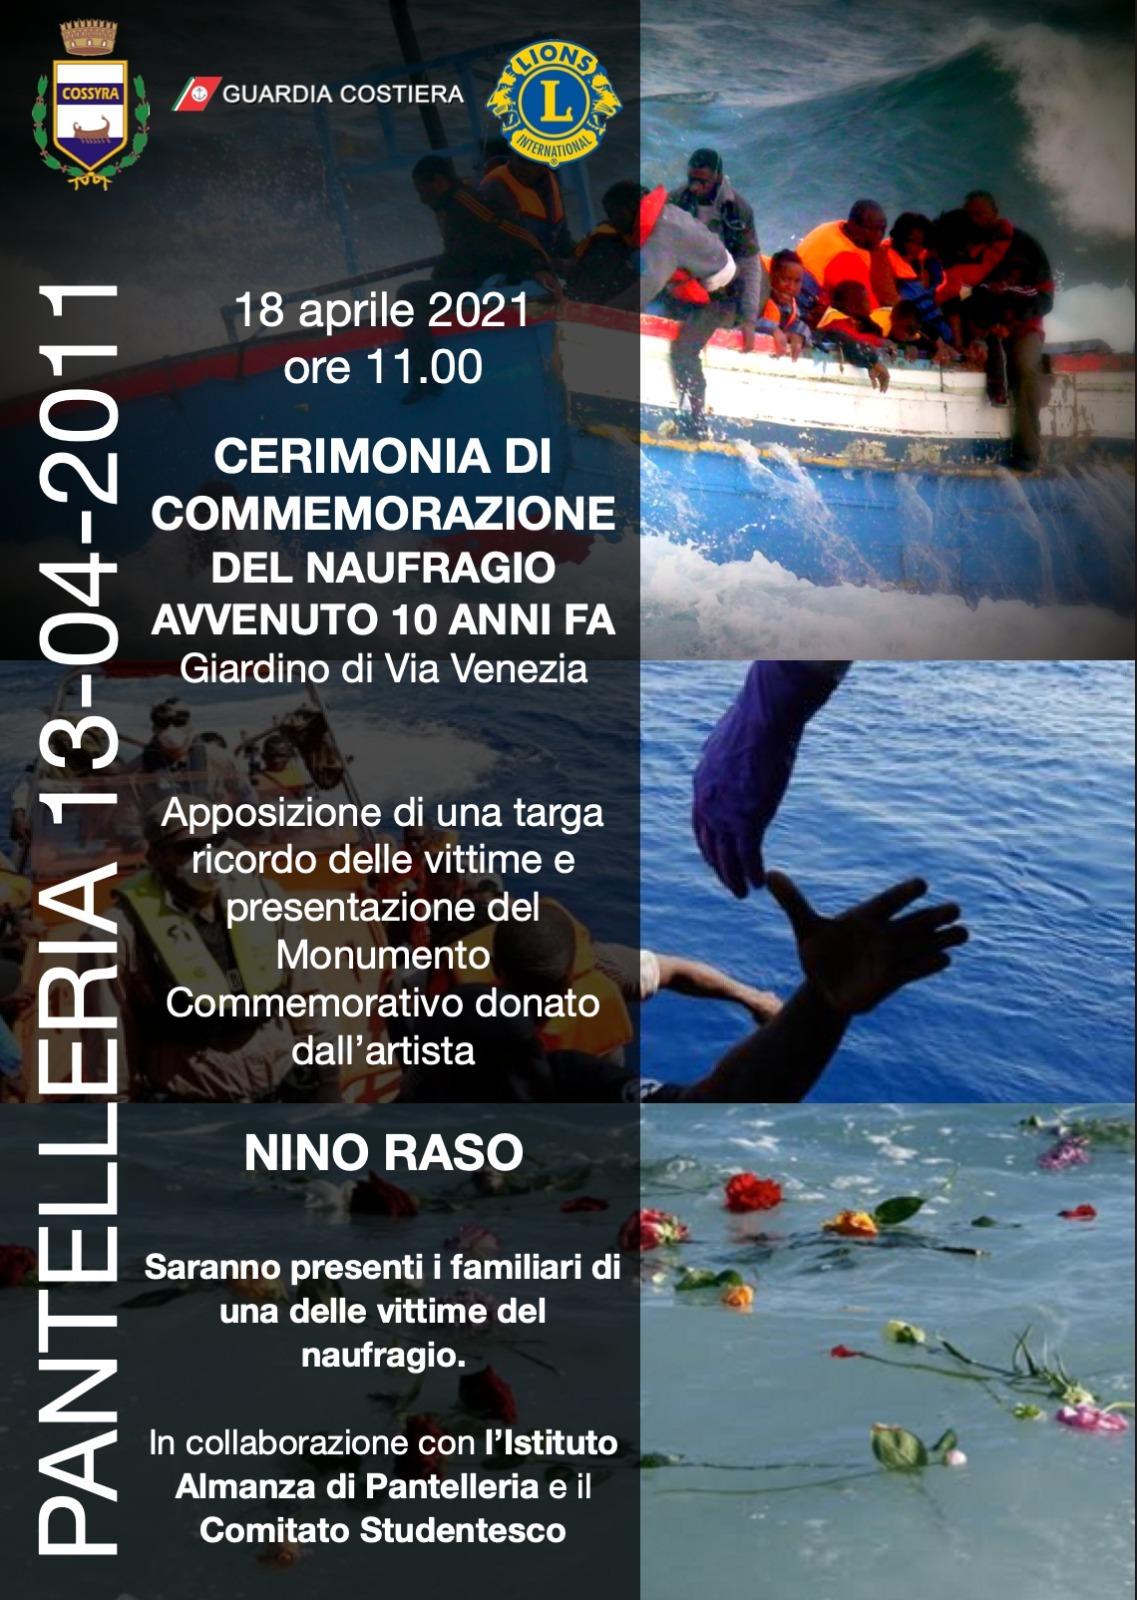 Commemorazione del naufragio del 18 Aprile 2011